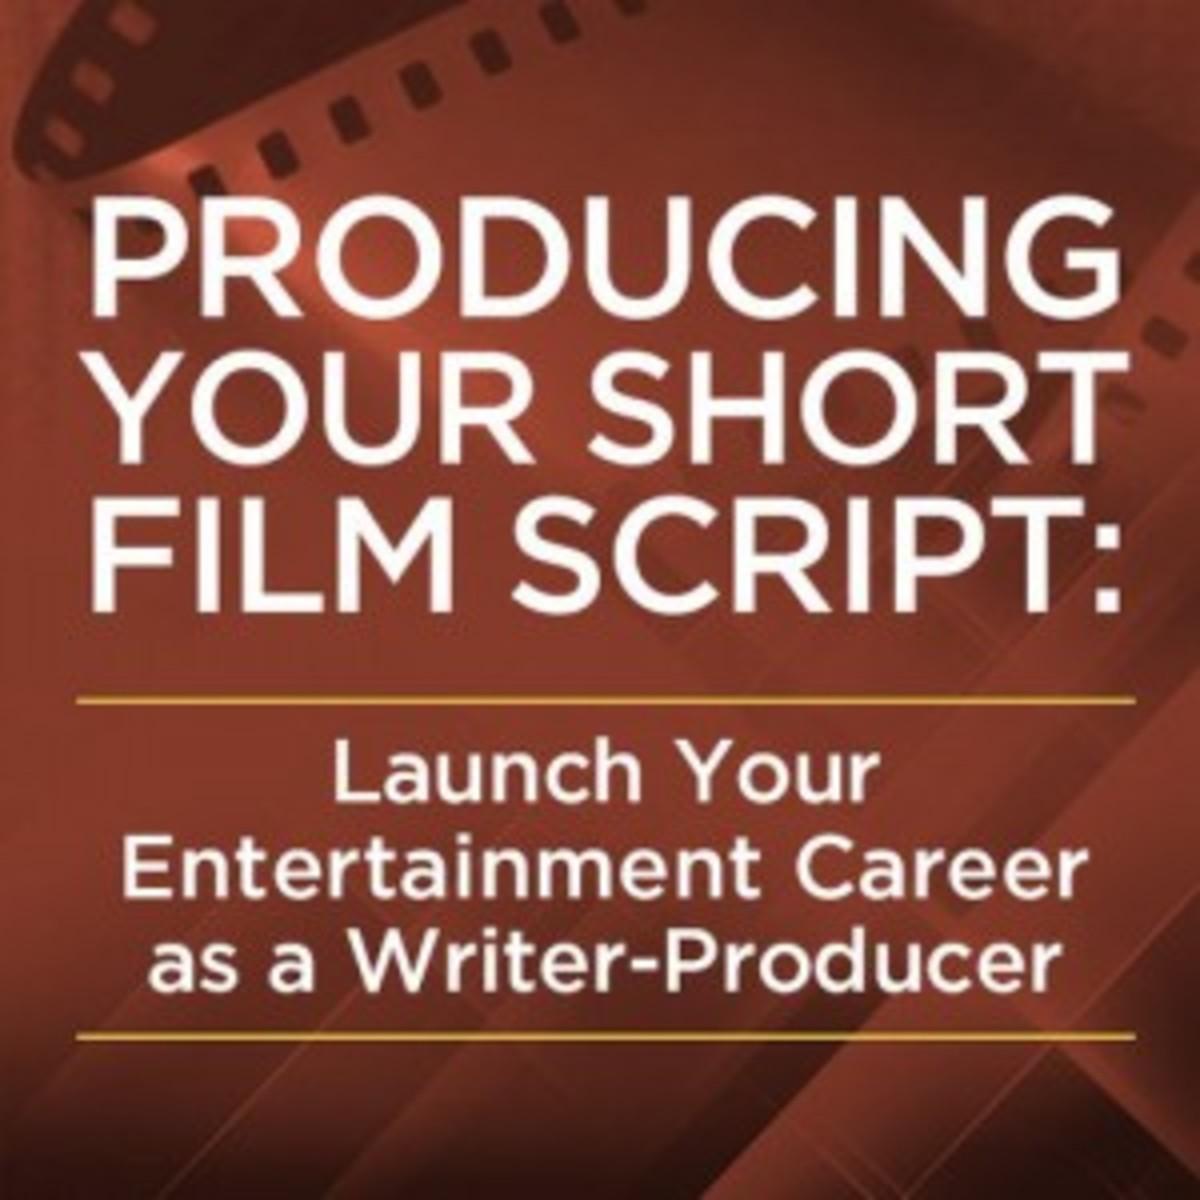 ws-shortfilmscript-500_medium